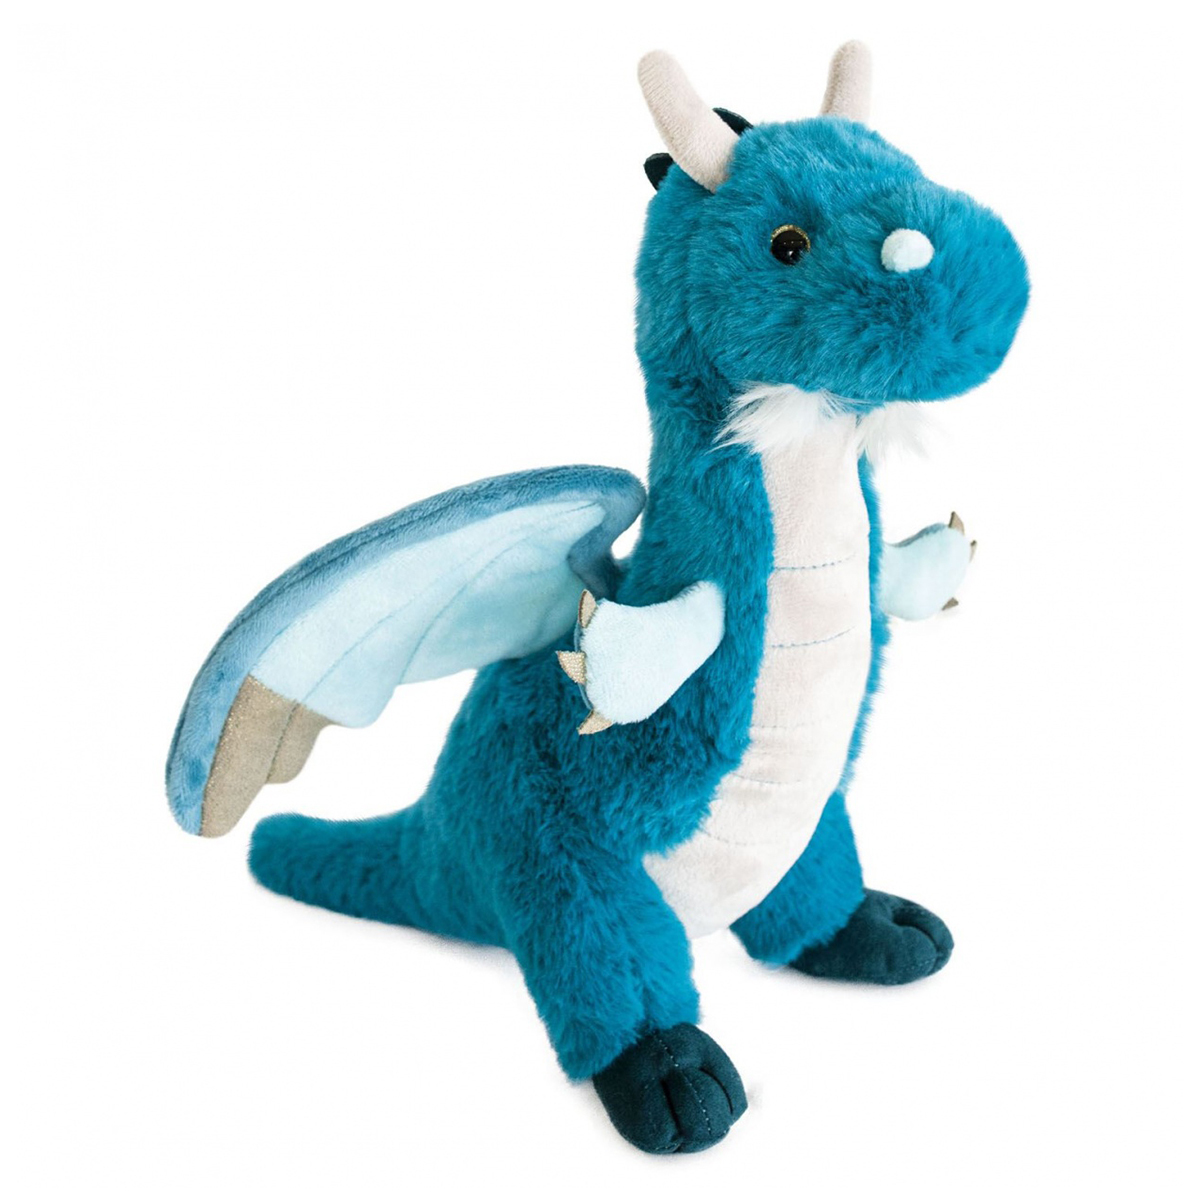 Peluche Peluche Grégoire le Dragon - Moyen Peluche Grégoire le Dragon 30 cm